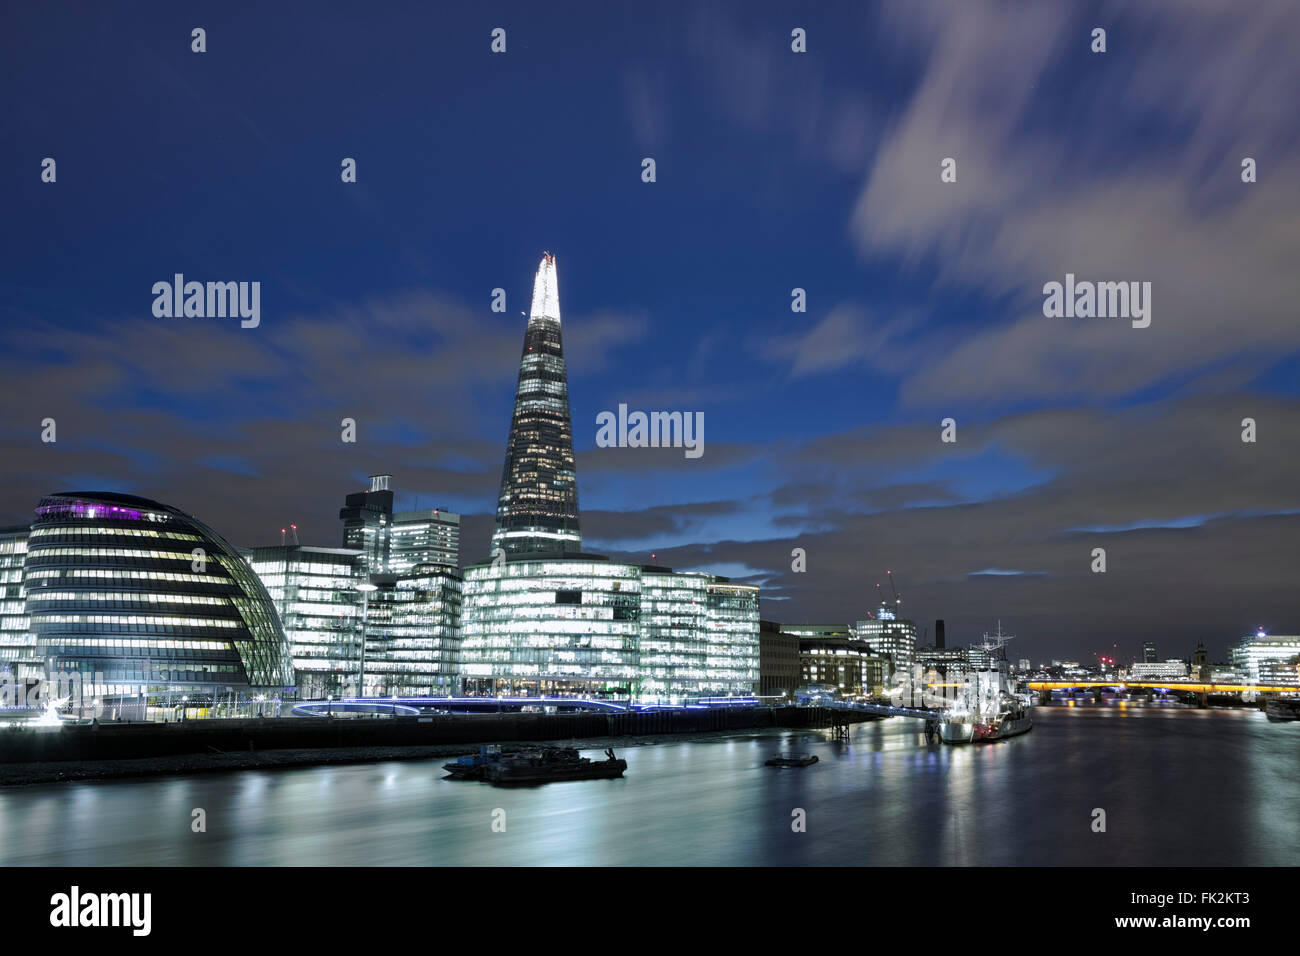 Vista della banca del sud del Tamigi a Southwark alla notte che mostra la City Hall e la Shard Immagini Stock